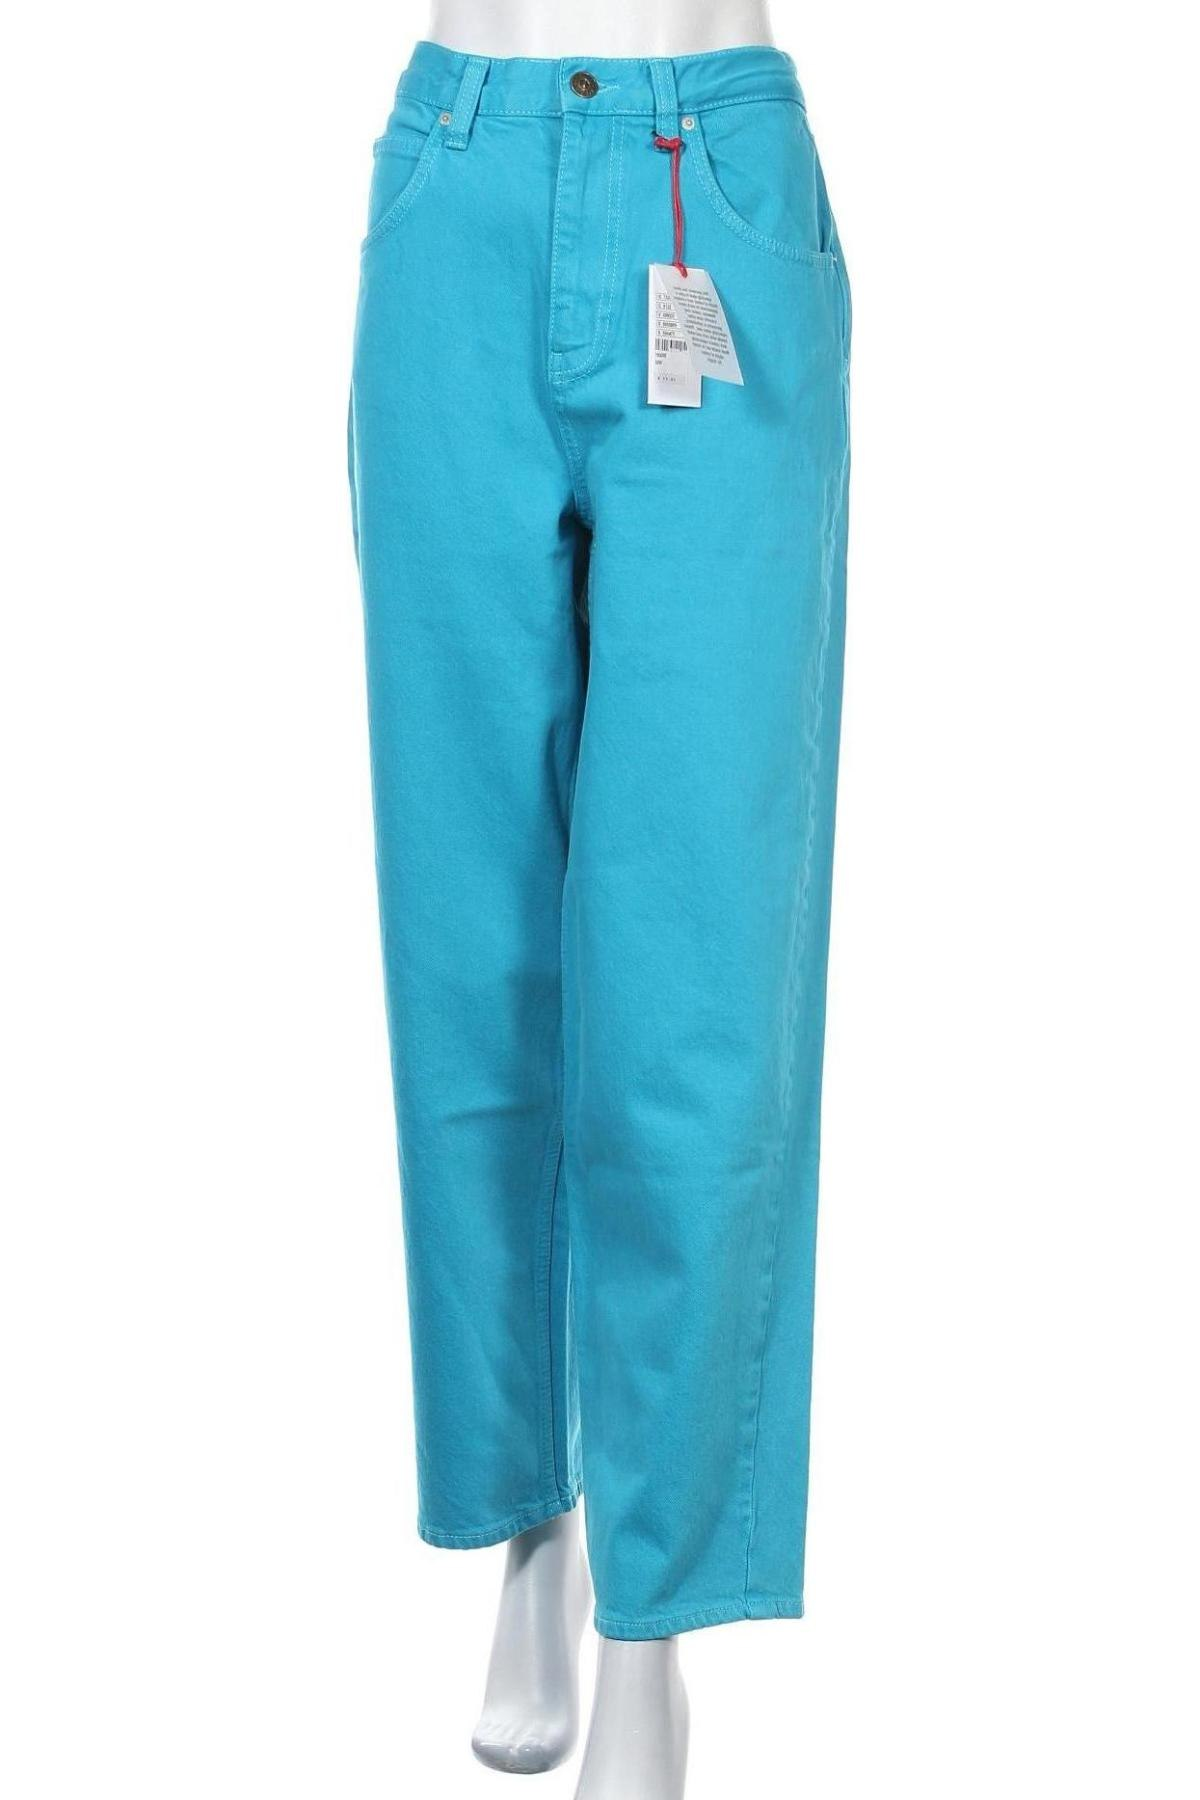 Дамски дънки BDG, Размер L, Цвят Син, 99% памук, 1% еластан, Цена 41,96лв.